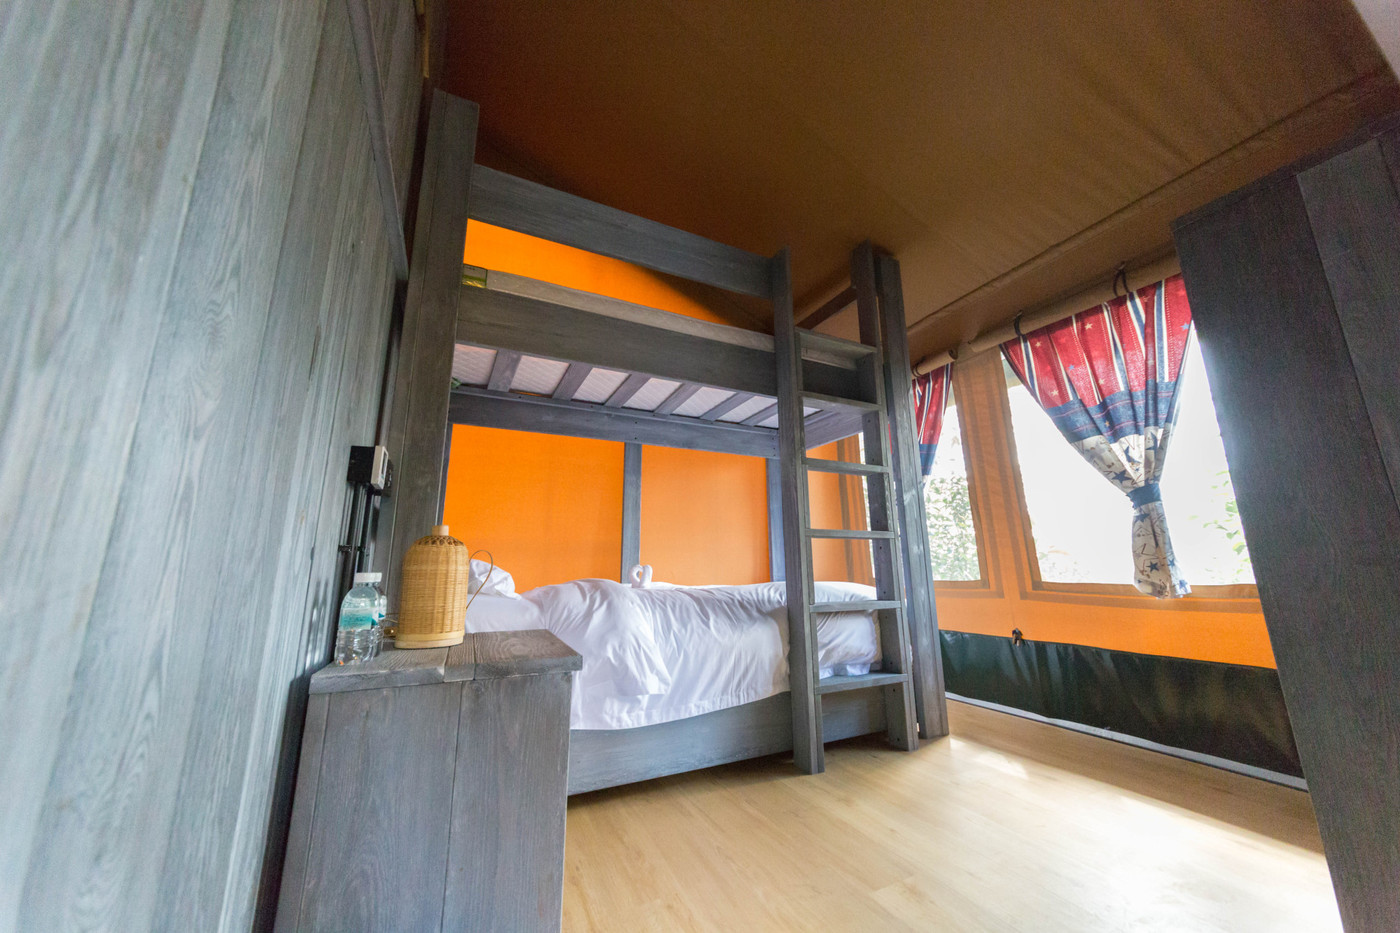 喜马拉雅野奢帐篷酒店—云南腾冲高黎贡山茶博园44